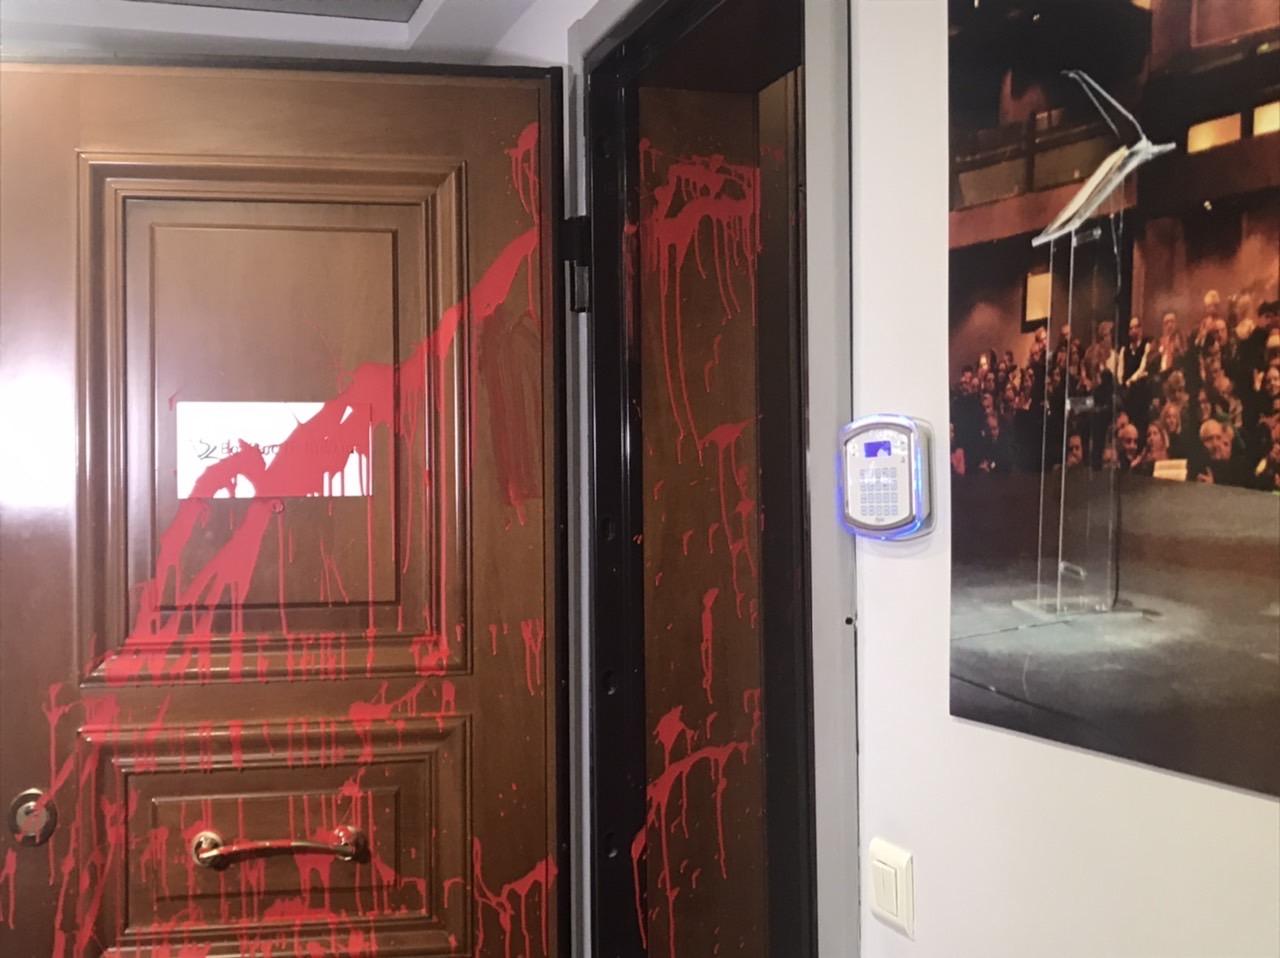 Γεμάτη κόκκινη μπογιά η πόρτα του πολιτικού γραφείου του Βασίλη Κικίλια